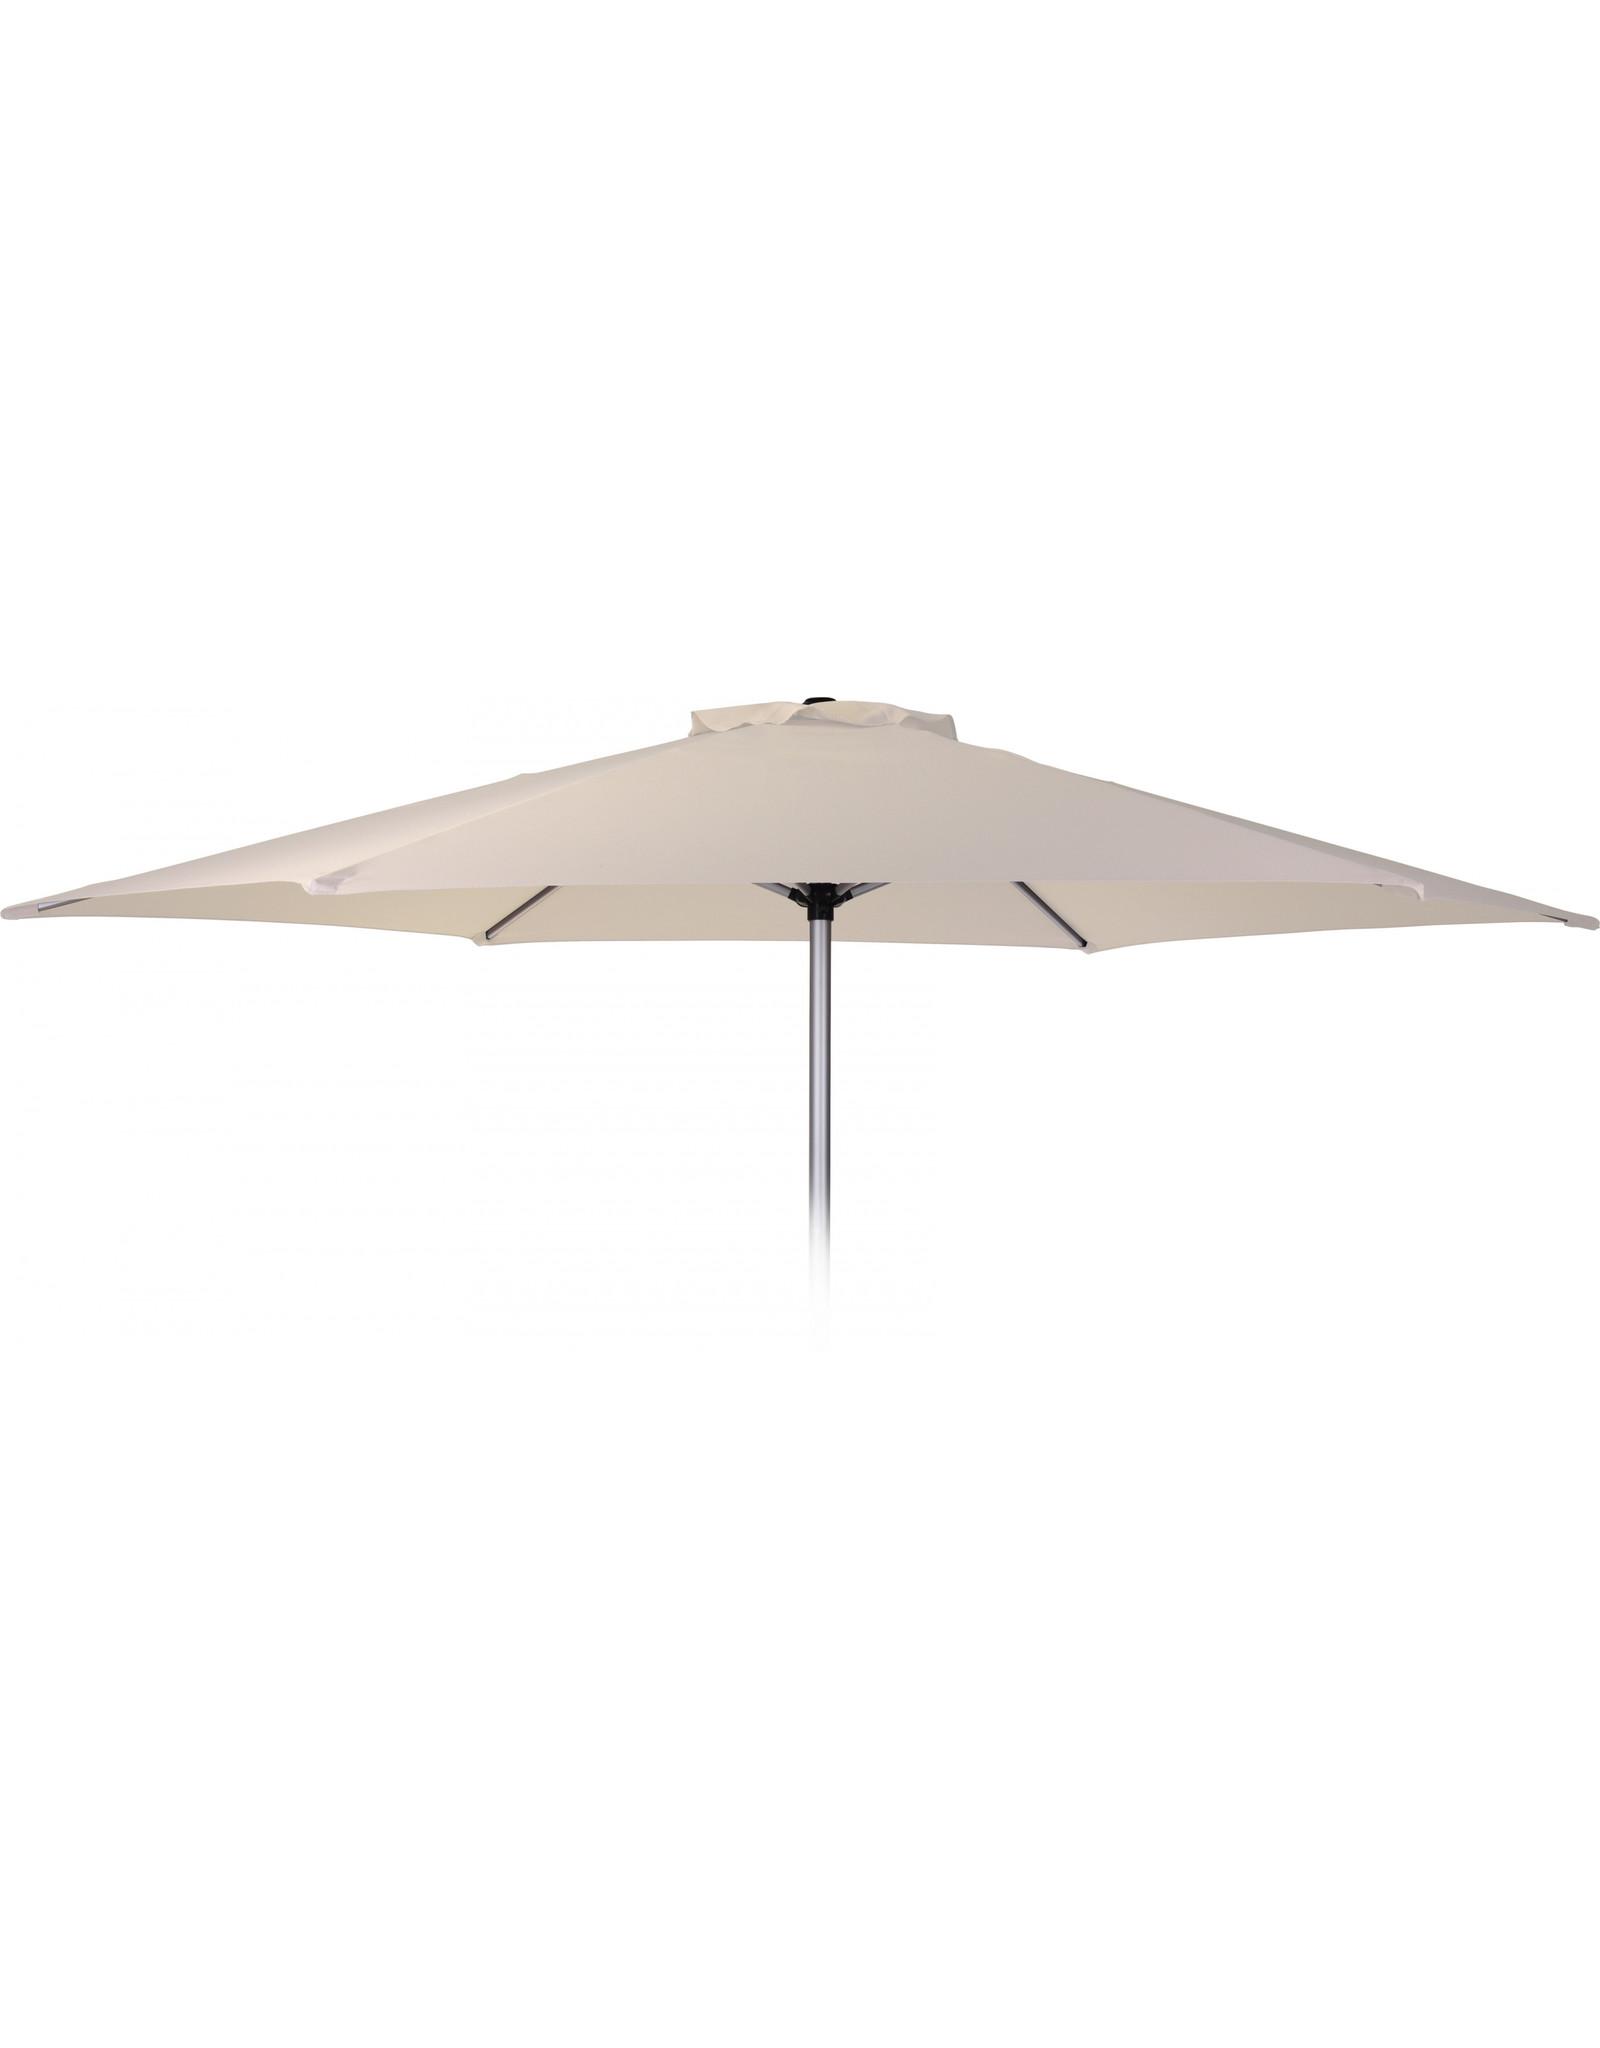 Pro Garden - Parasol - Ø270 cm - Aluminium - Wit - EV